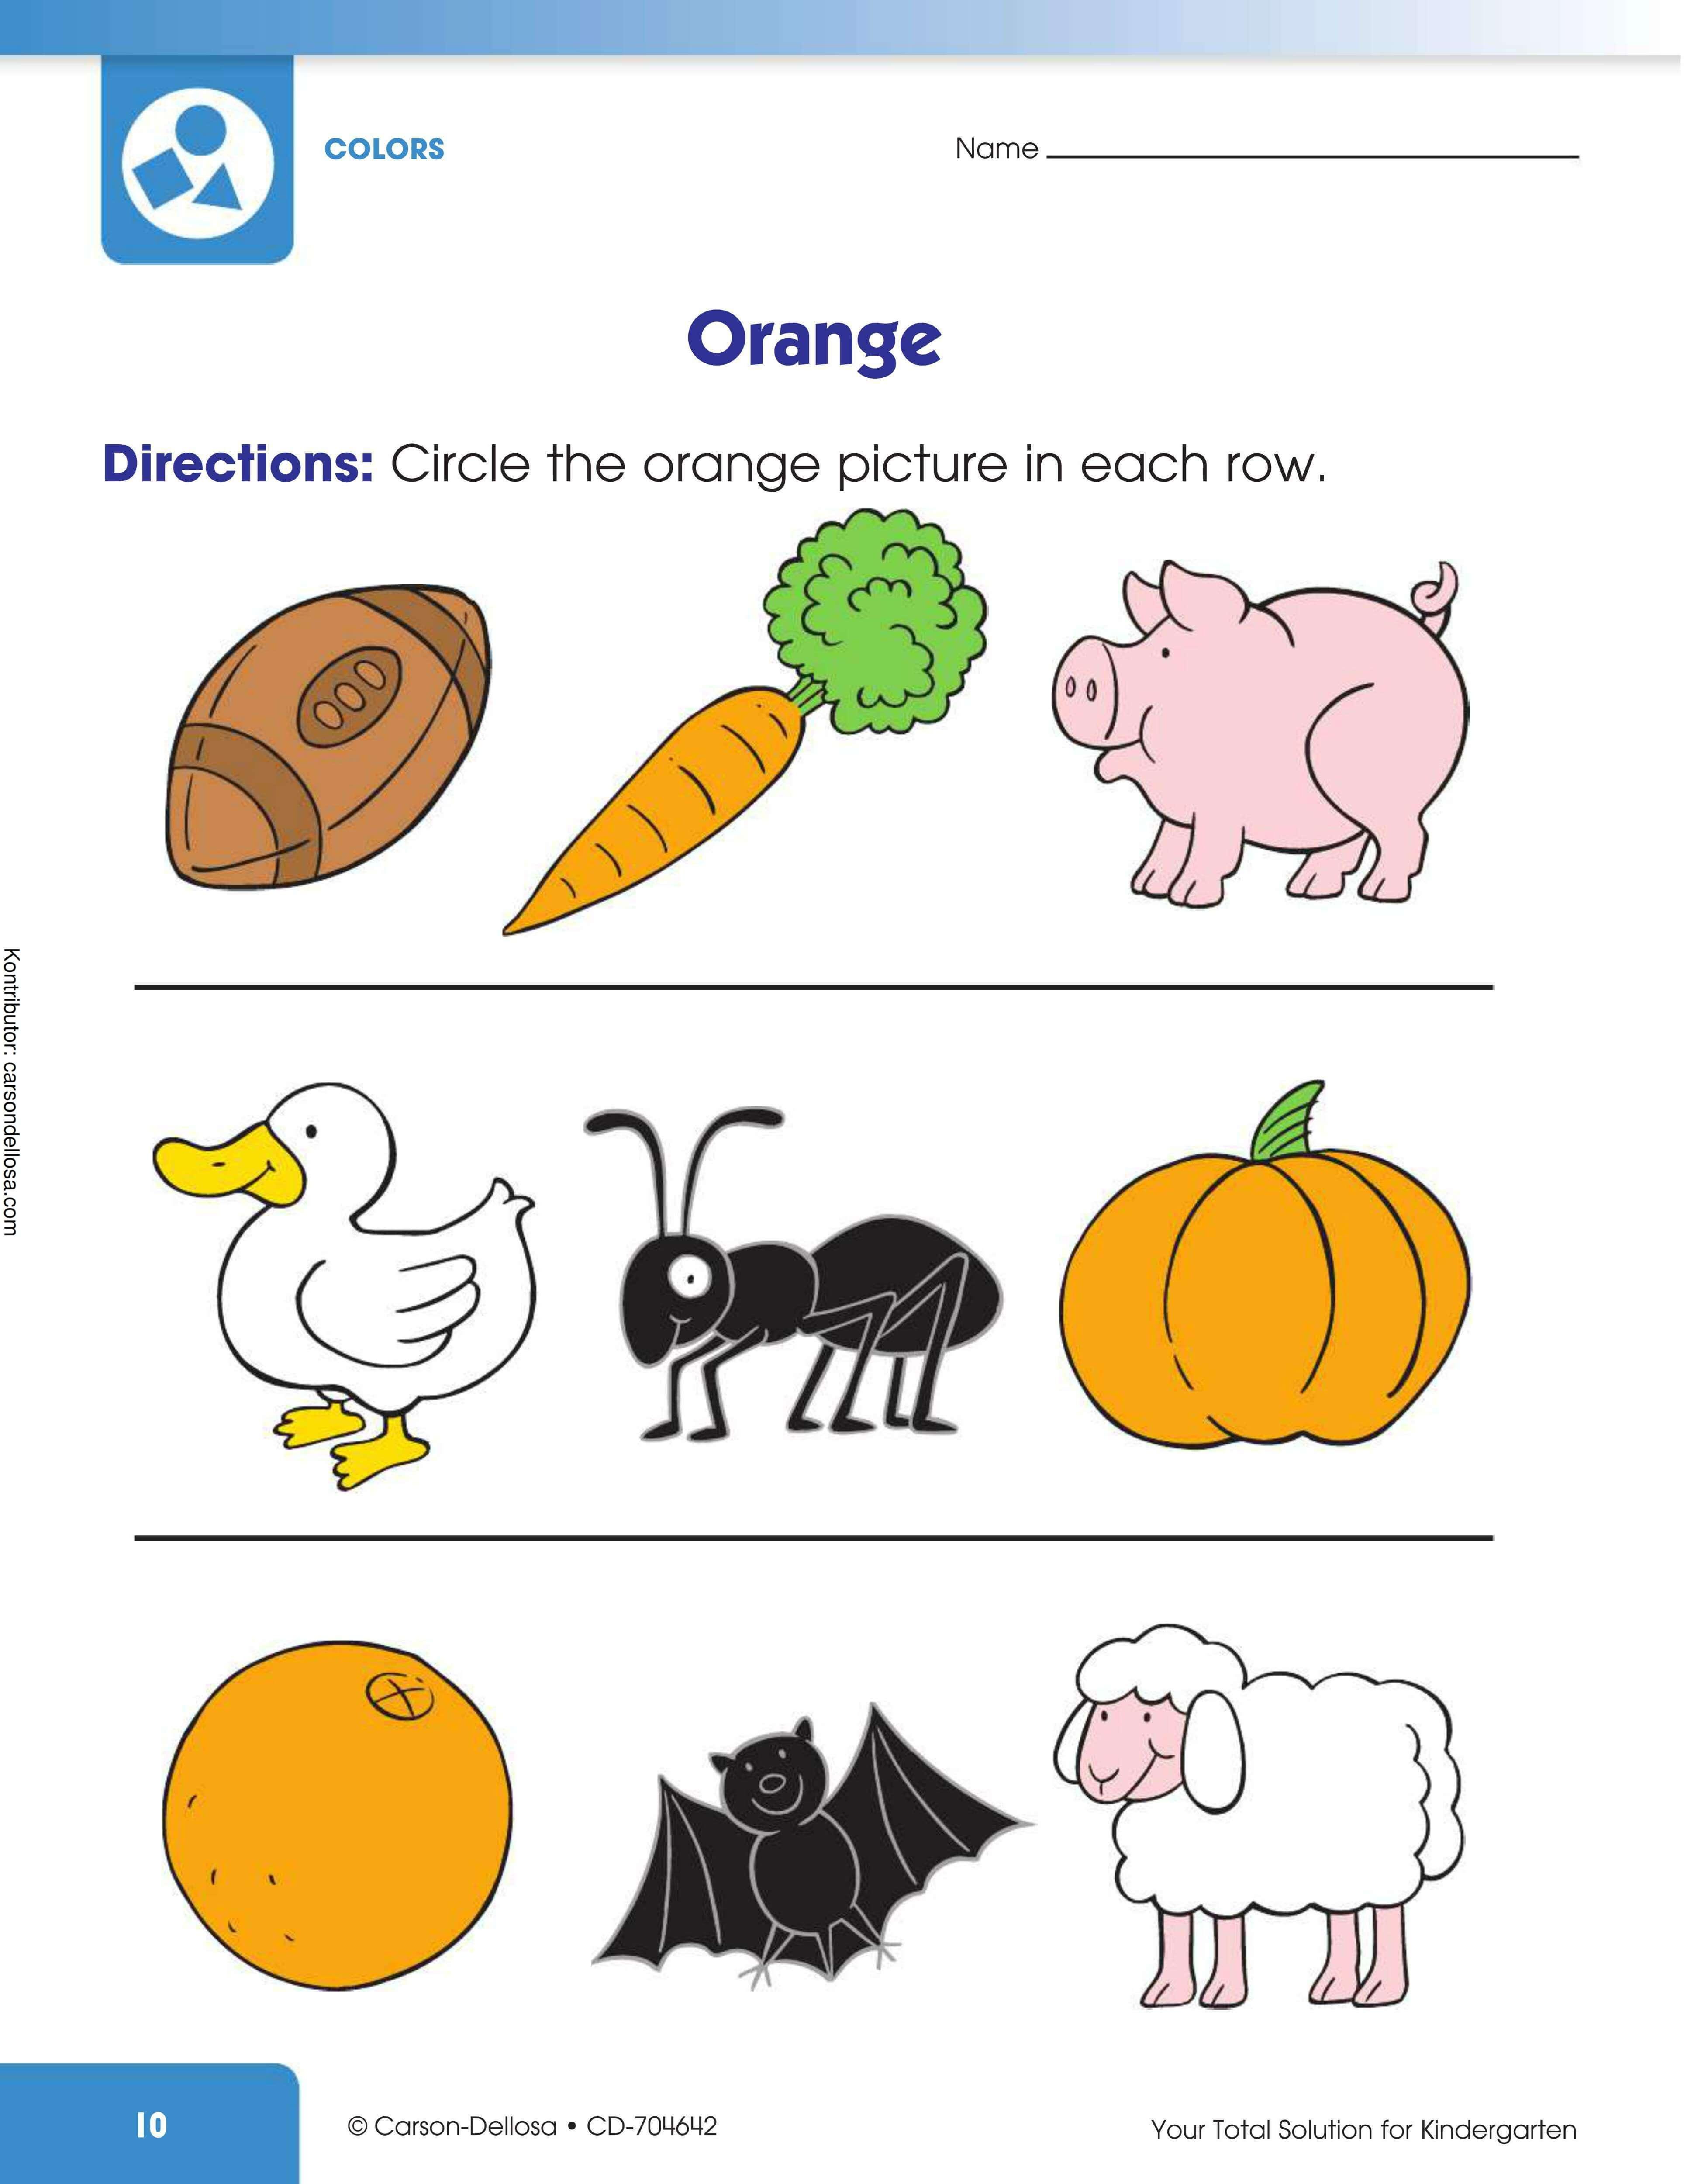 Belajar Melingkari Gambar Berwarna Oranye